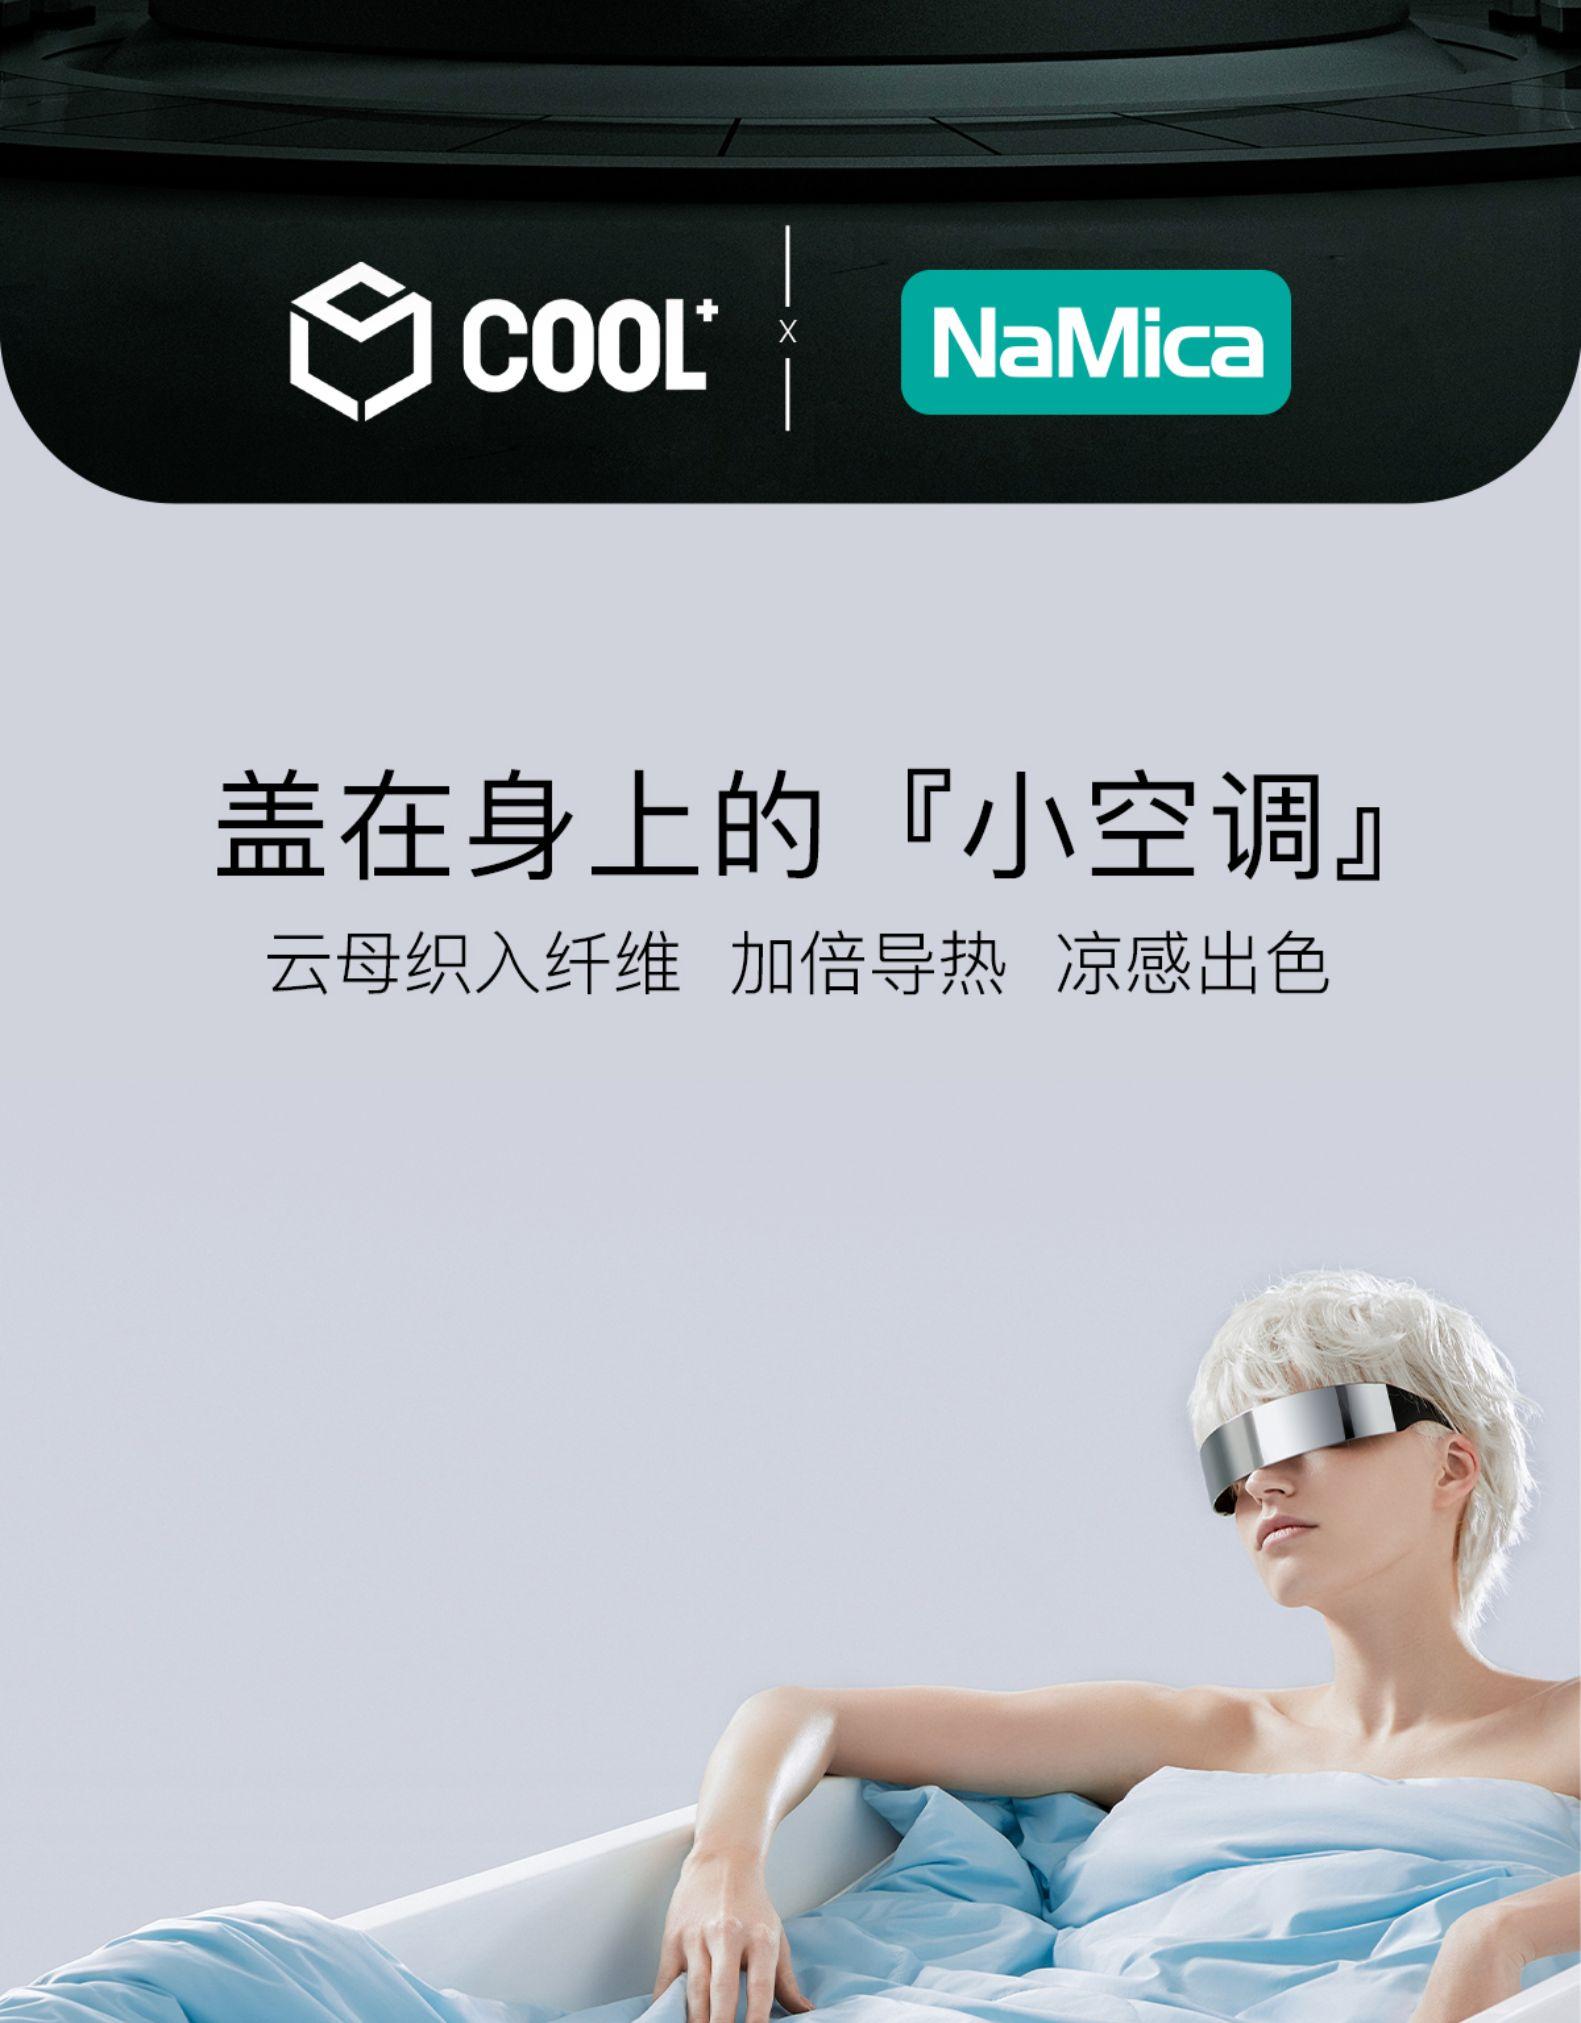 小米生态链 绘睡 Cool+NaMica纳米凉感冰激凌被 图4